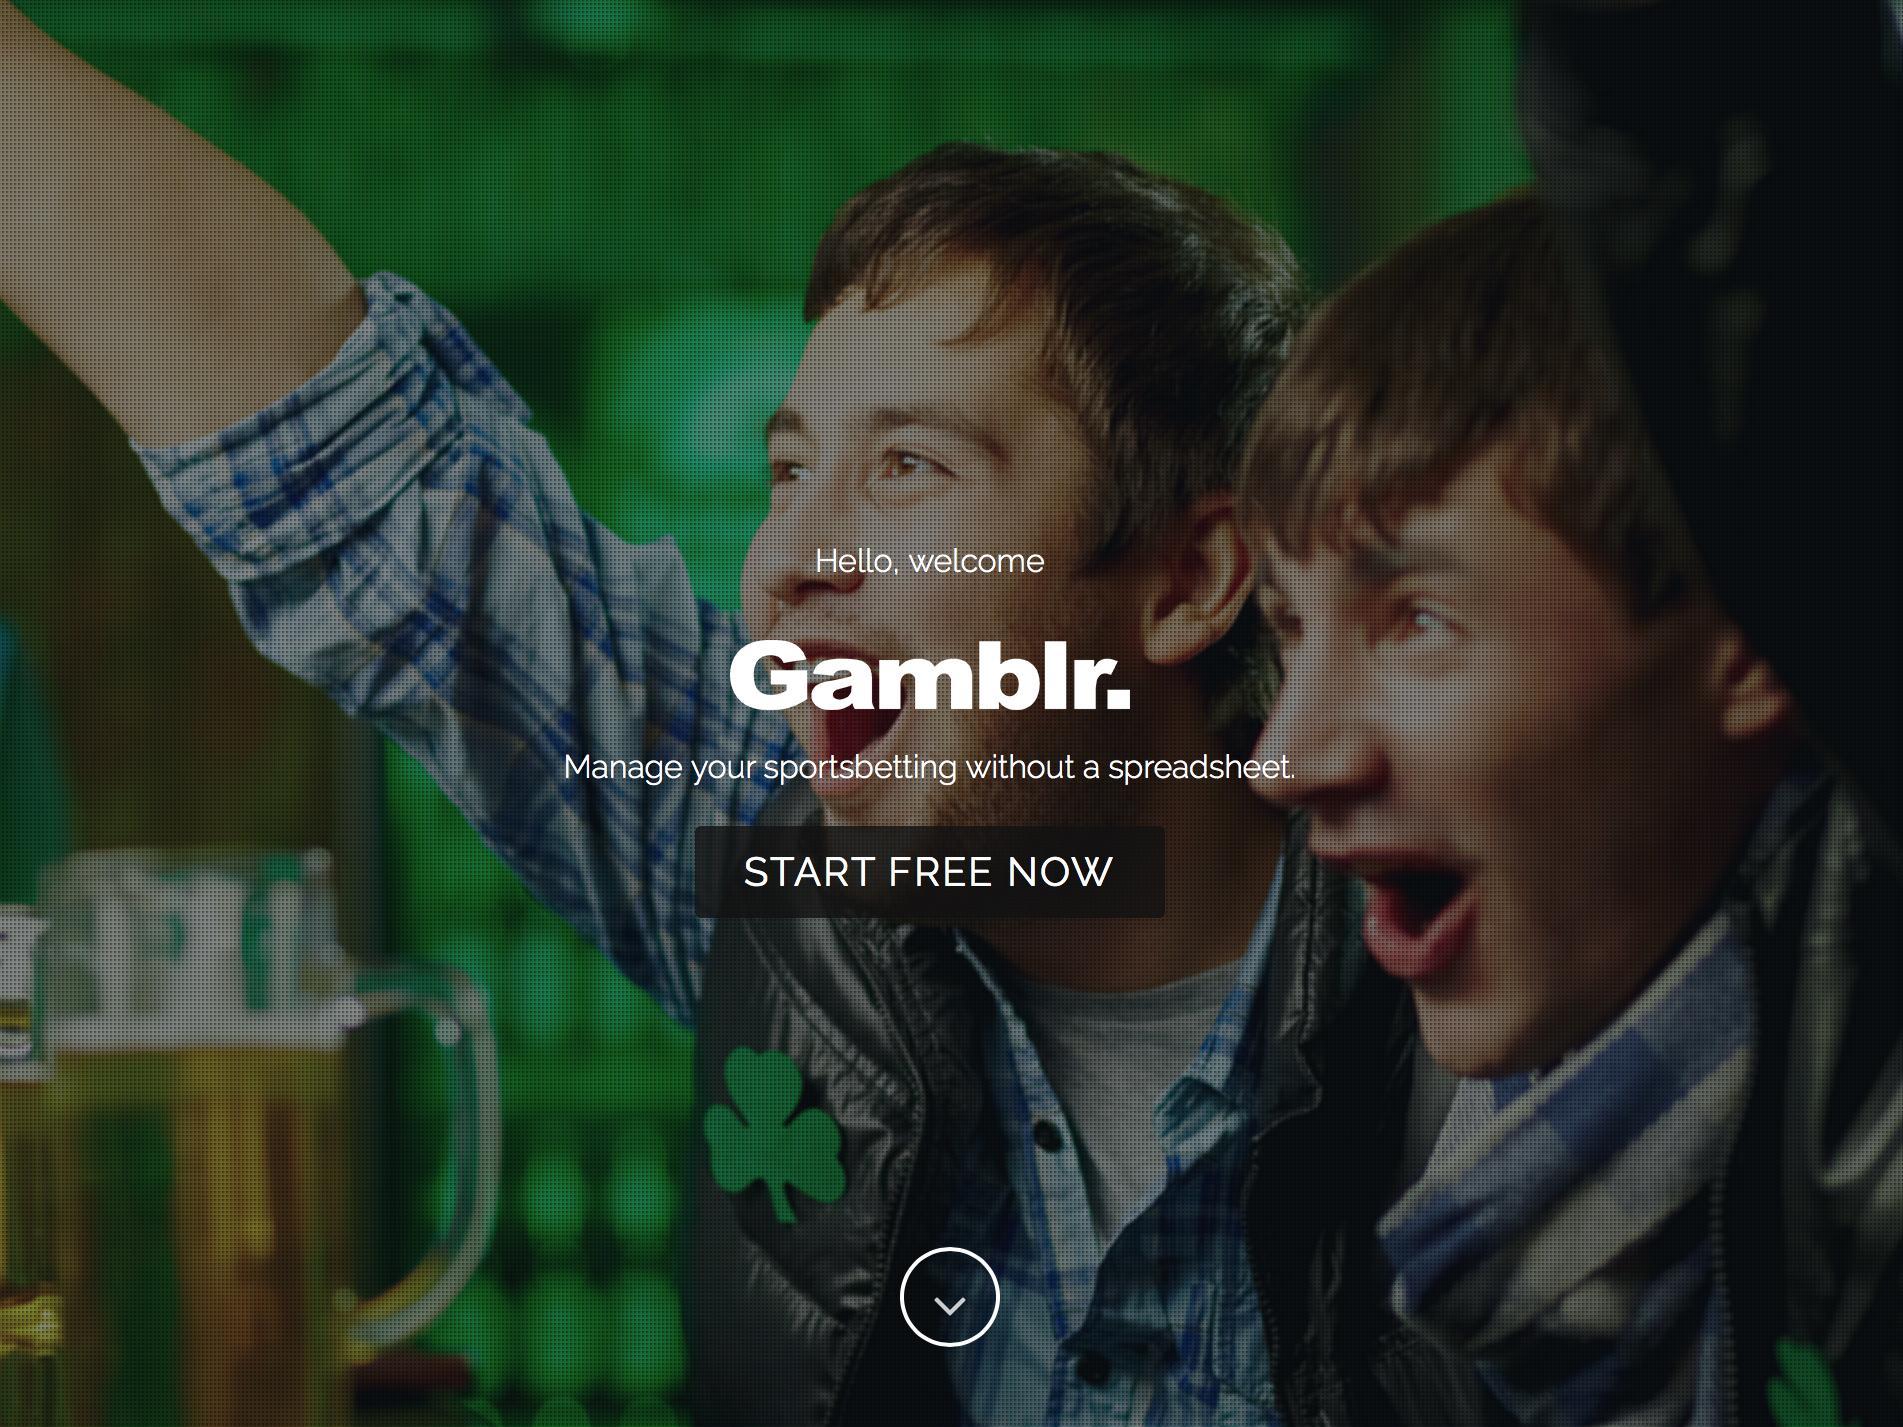 Sports Betting Spreadsheet Throughout Gamblr.io  Sports Betting Tracker Without A Spreadsheet. : Sideproject